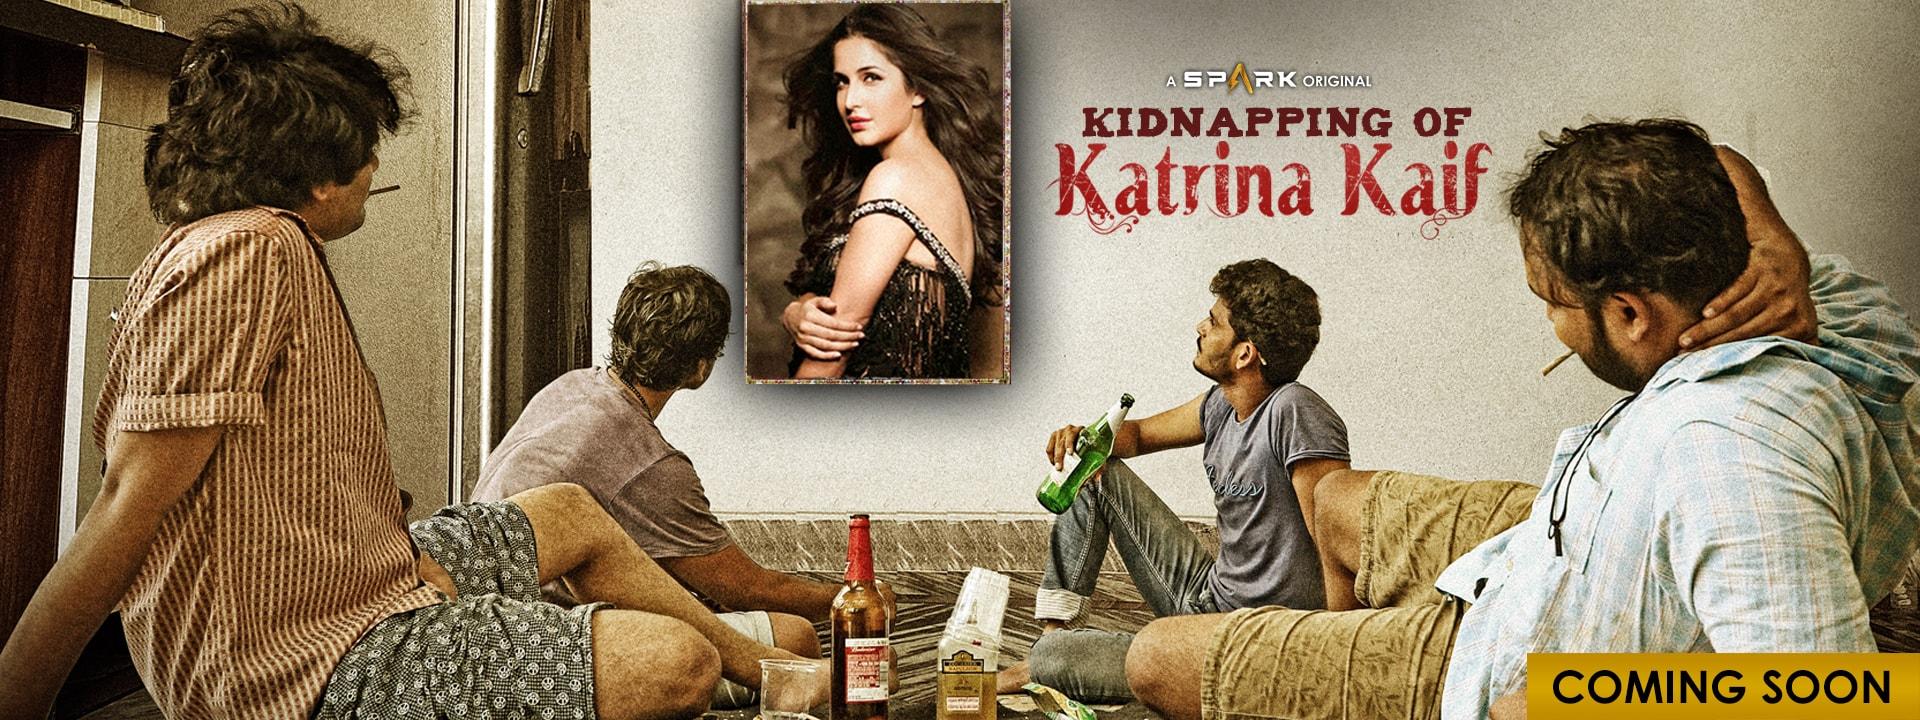 Kidnapping Of Katrina Kaif